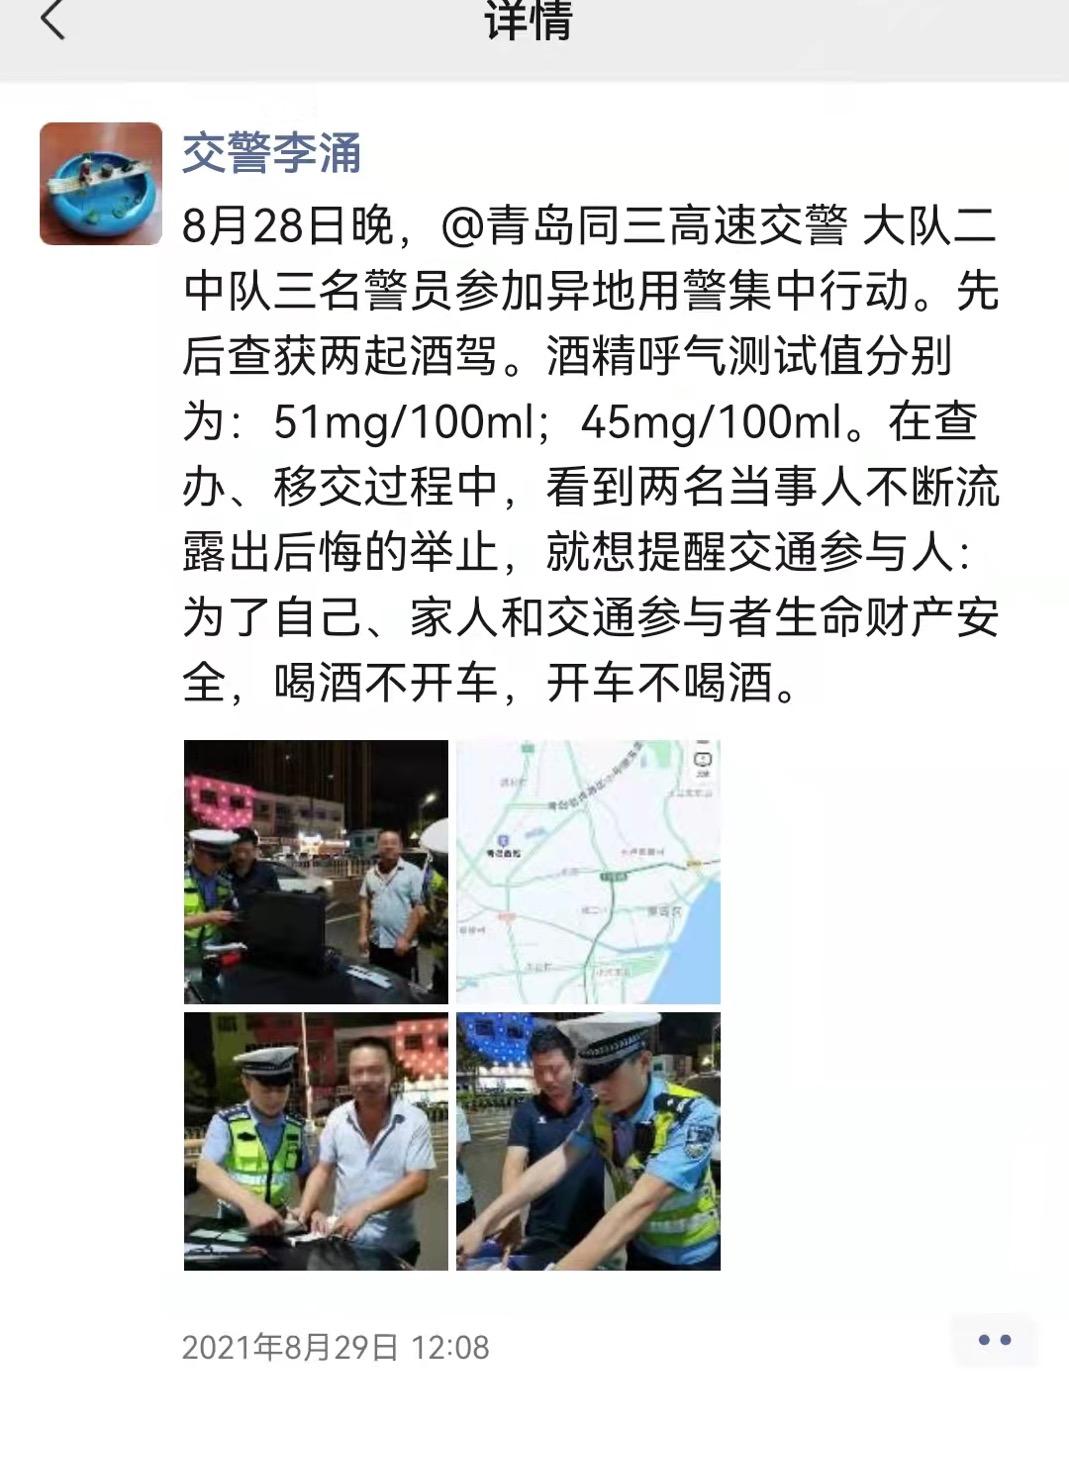 交警李涌曾在微信朋友圈提醒大家:喝酒不开车,开车不喝酒。